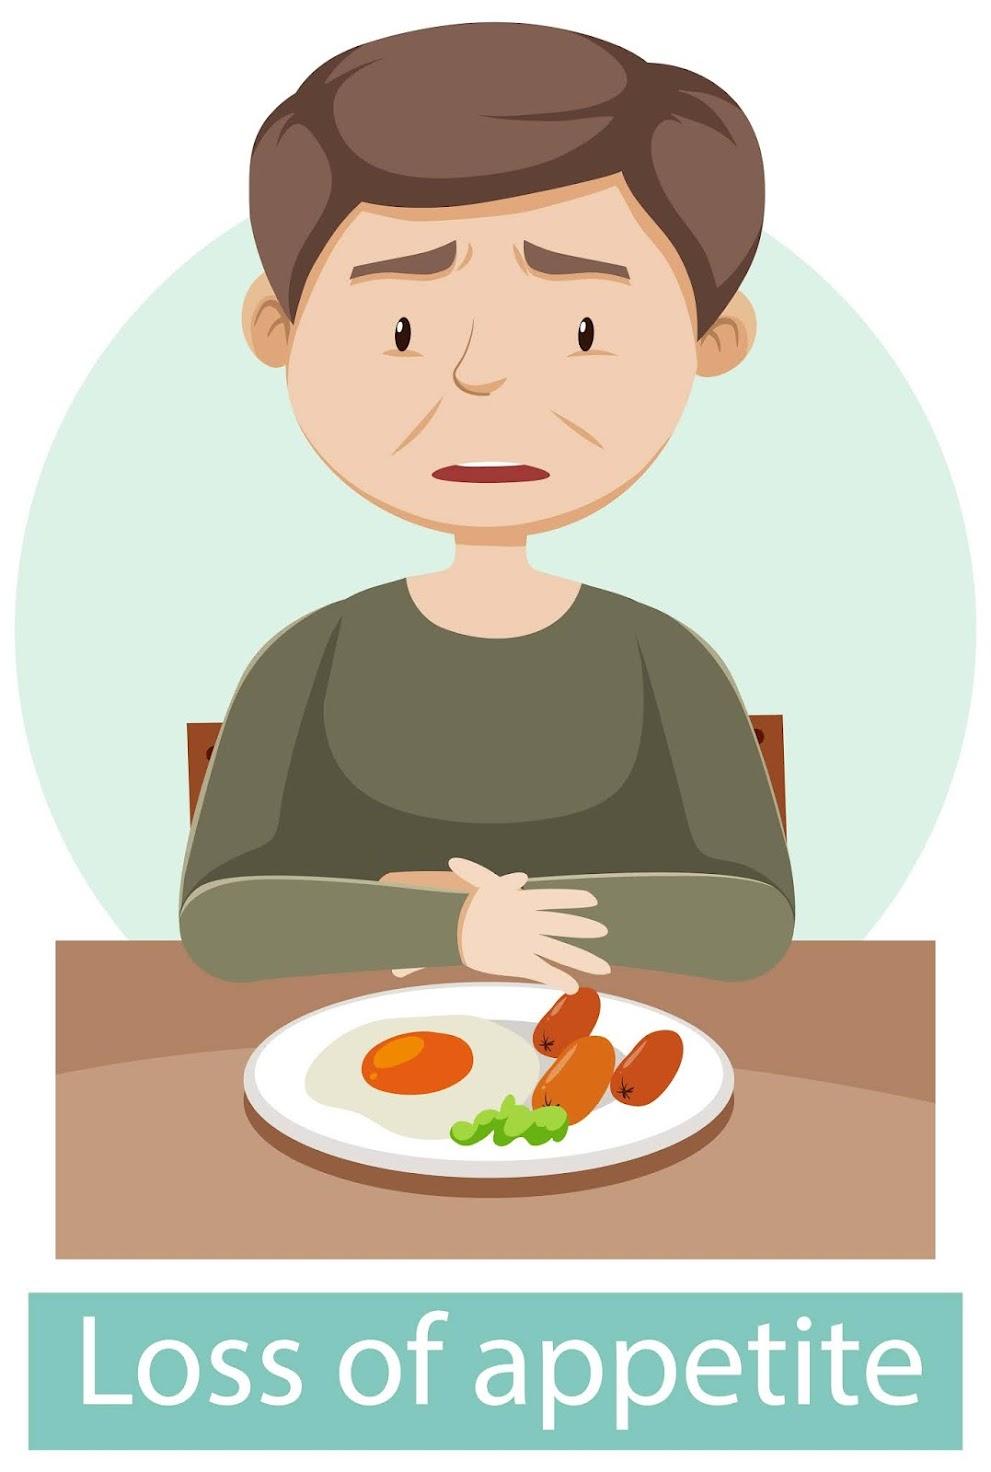 भूख ना लगने के क्या कारण होते हैं और भूख बढ़ाने के उपाय? | Increase appetite in hindi